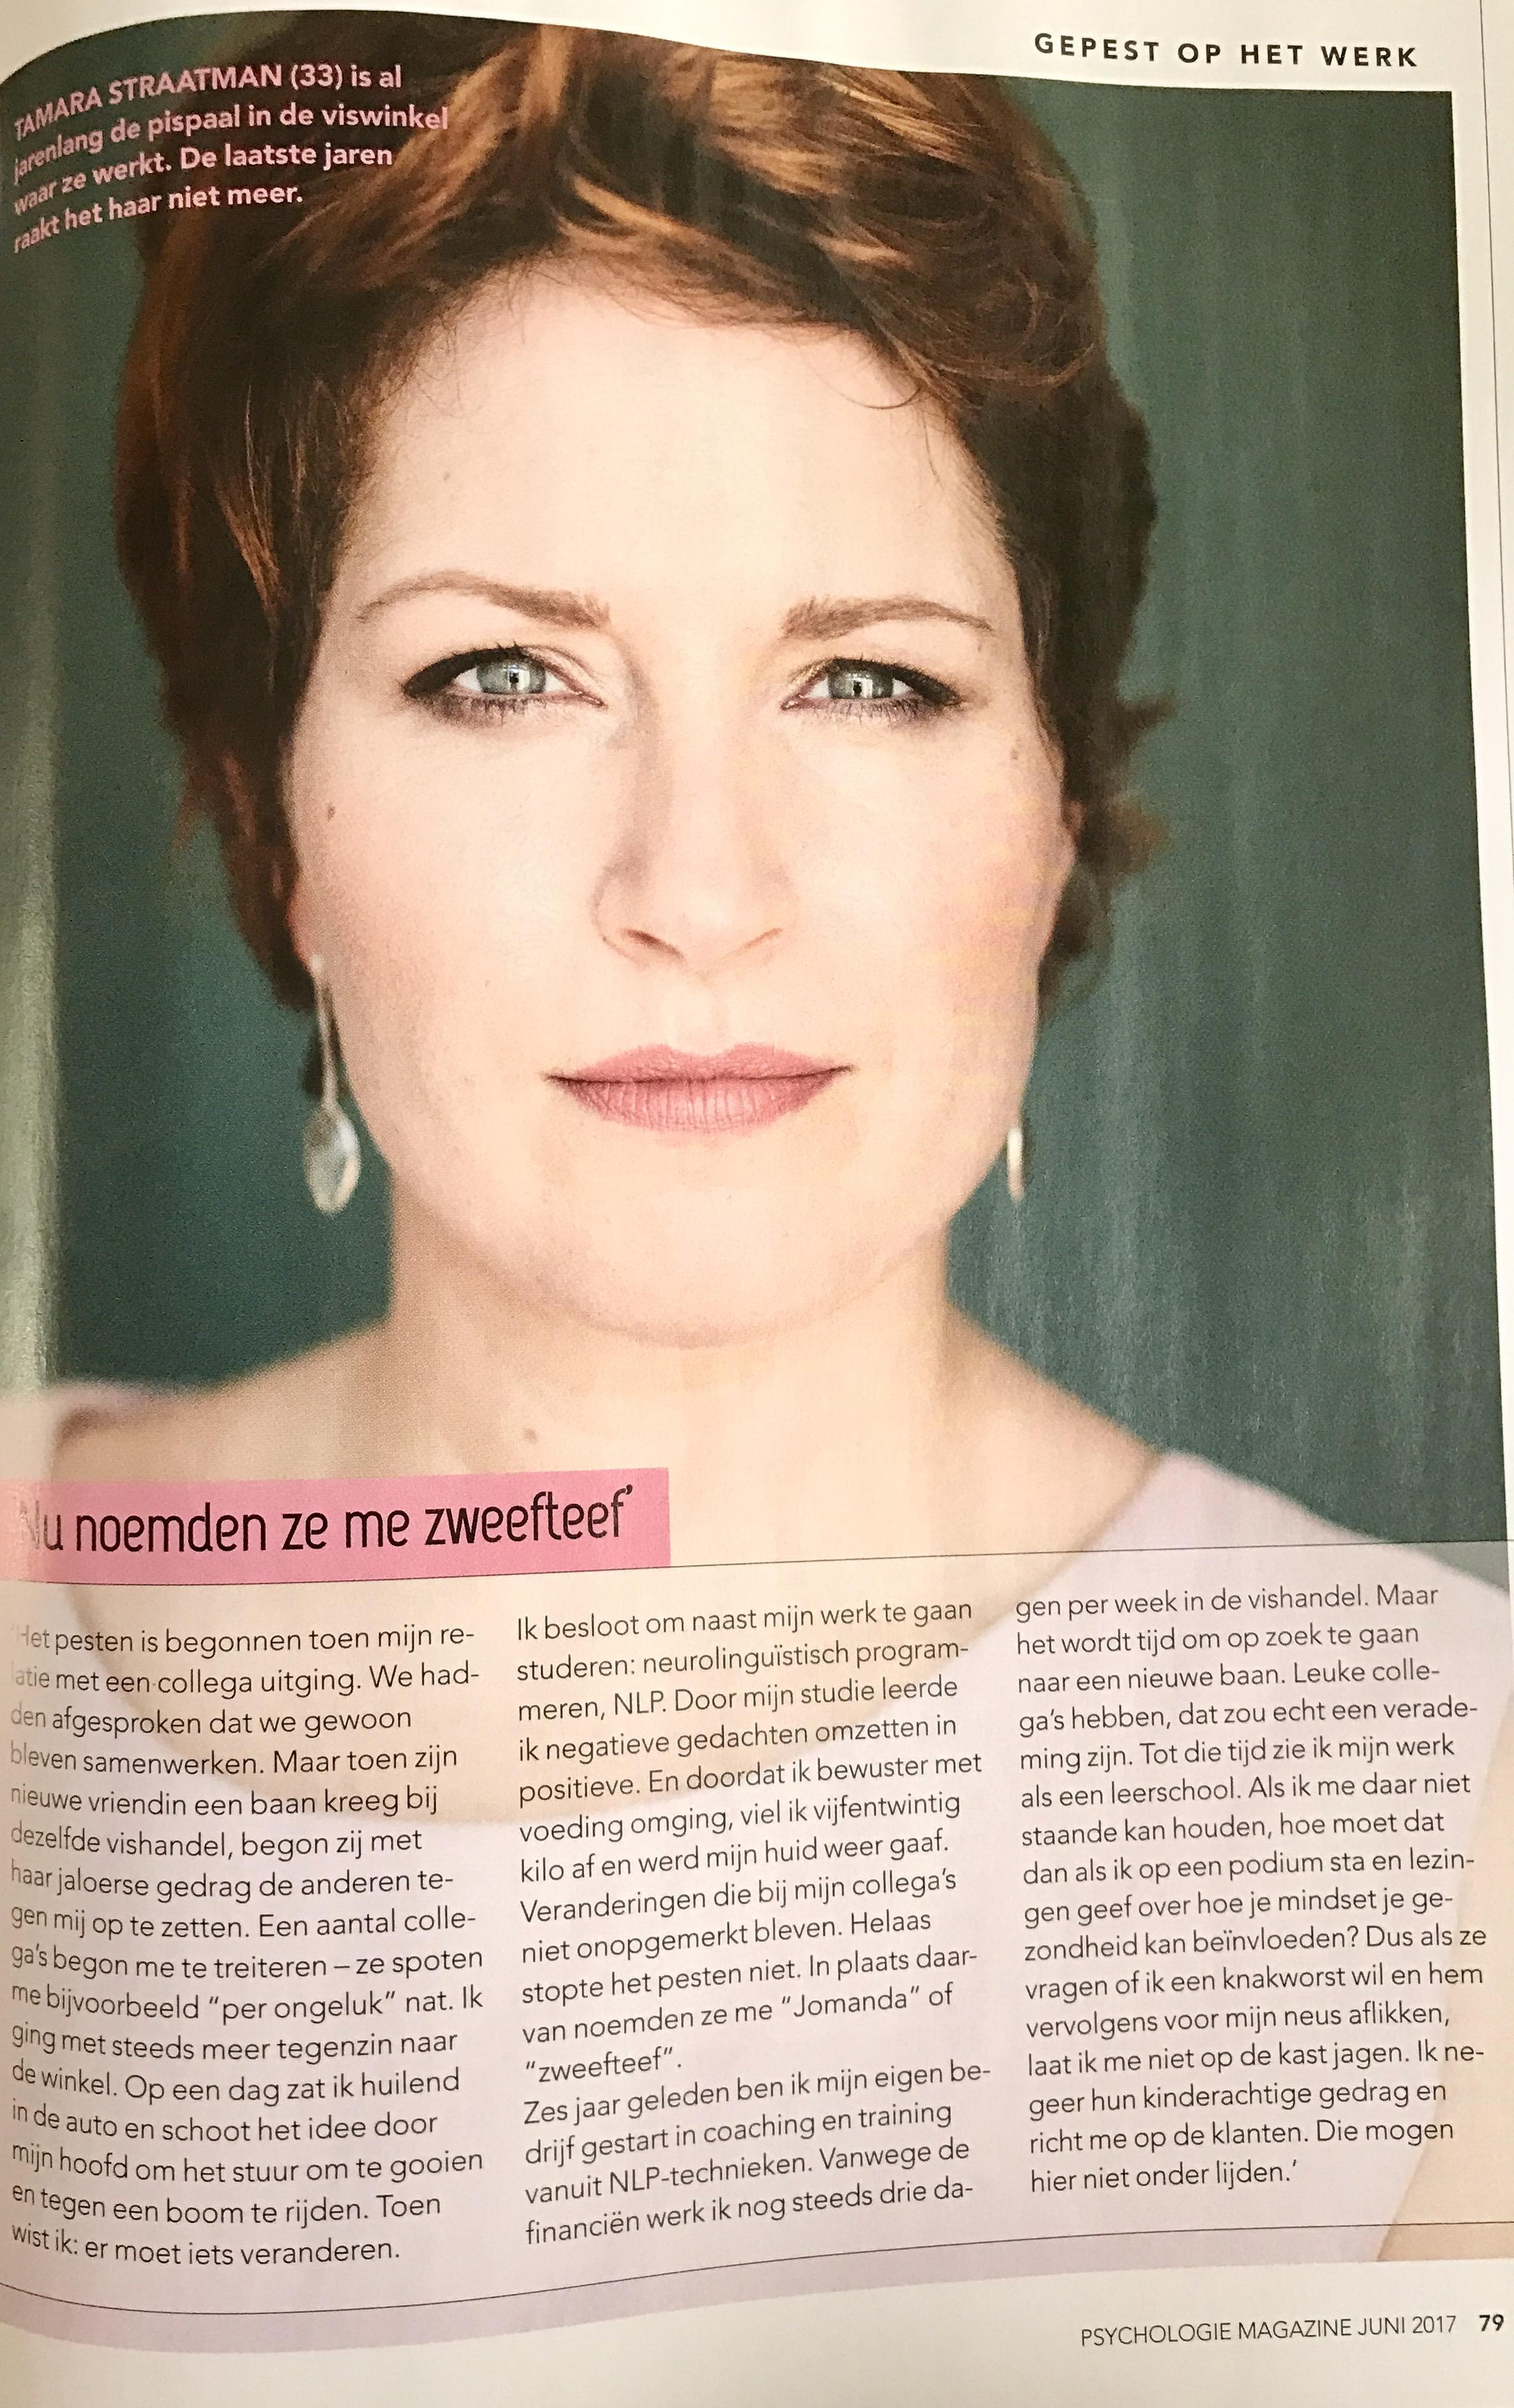 Tamara in Psychologie magazine & een bijzonderverhaal.nl over haar pestverleden